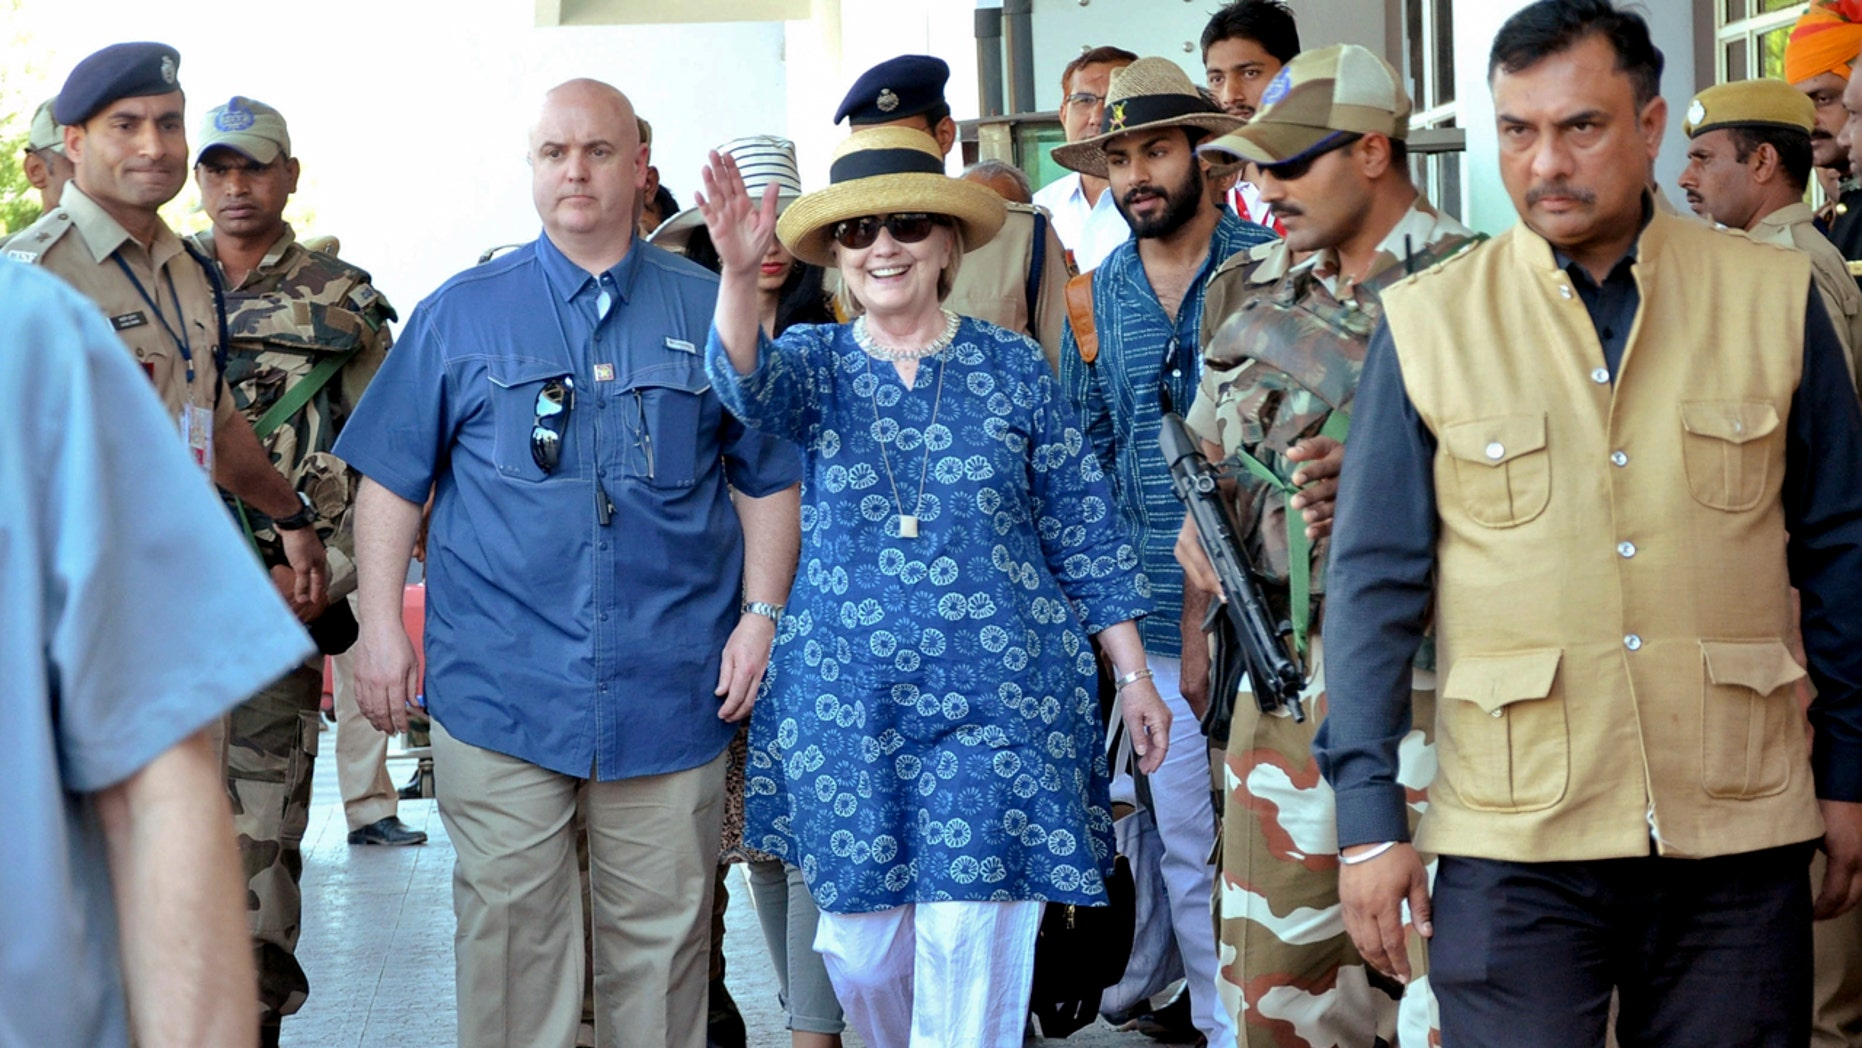 Hillary Clinton arrives in Jodphur, India on Tuesday.